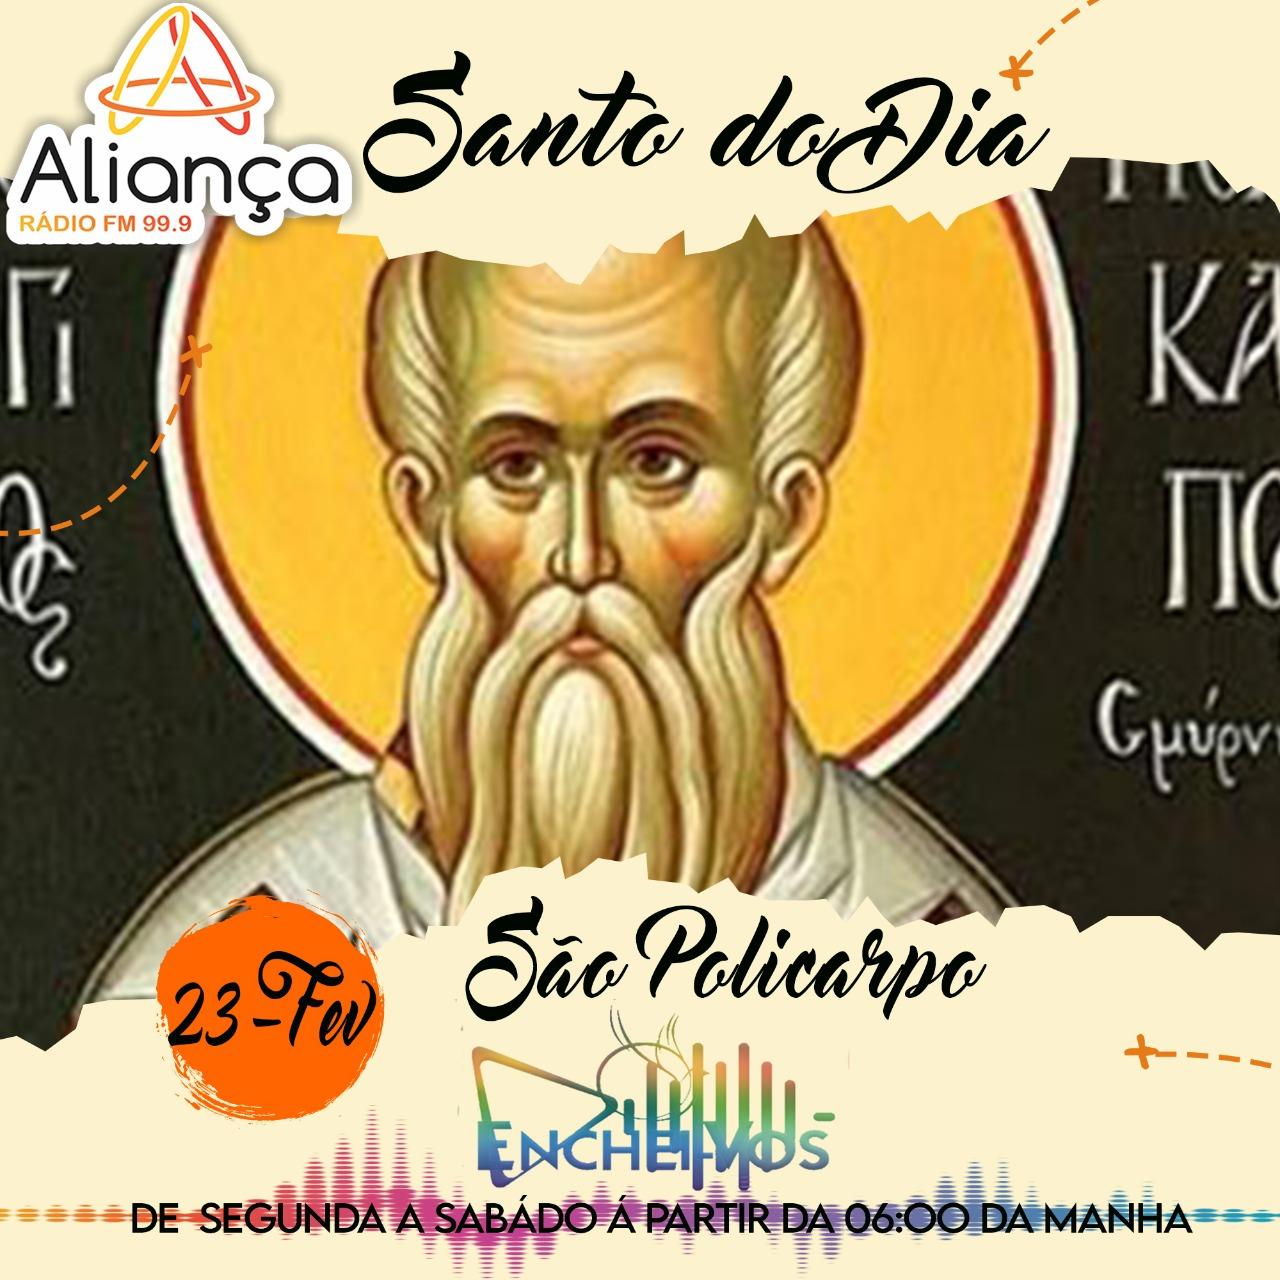 Santo do Dia: conheça a história de São Policarpo